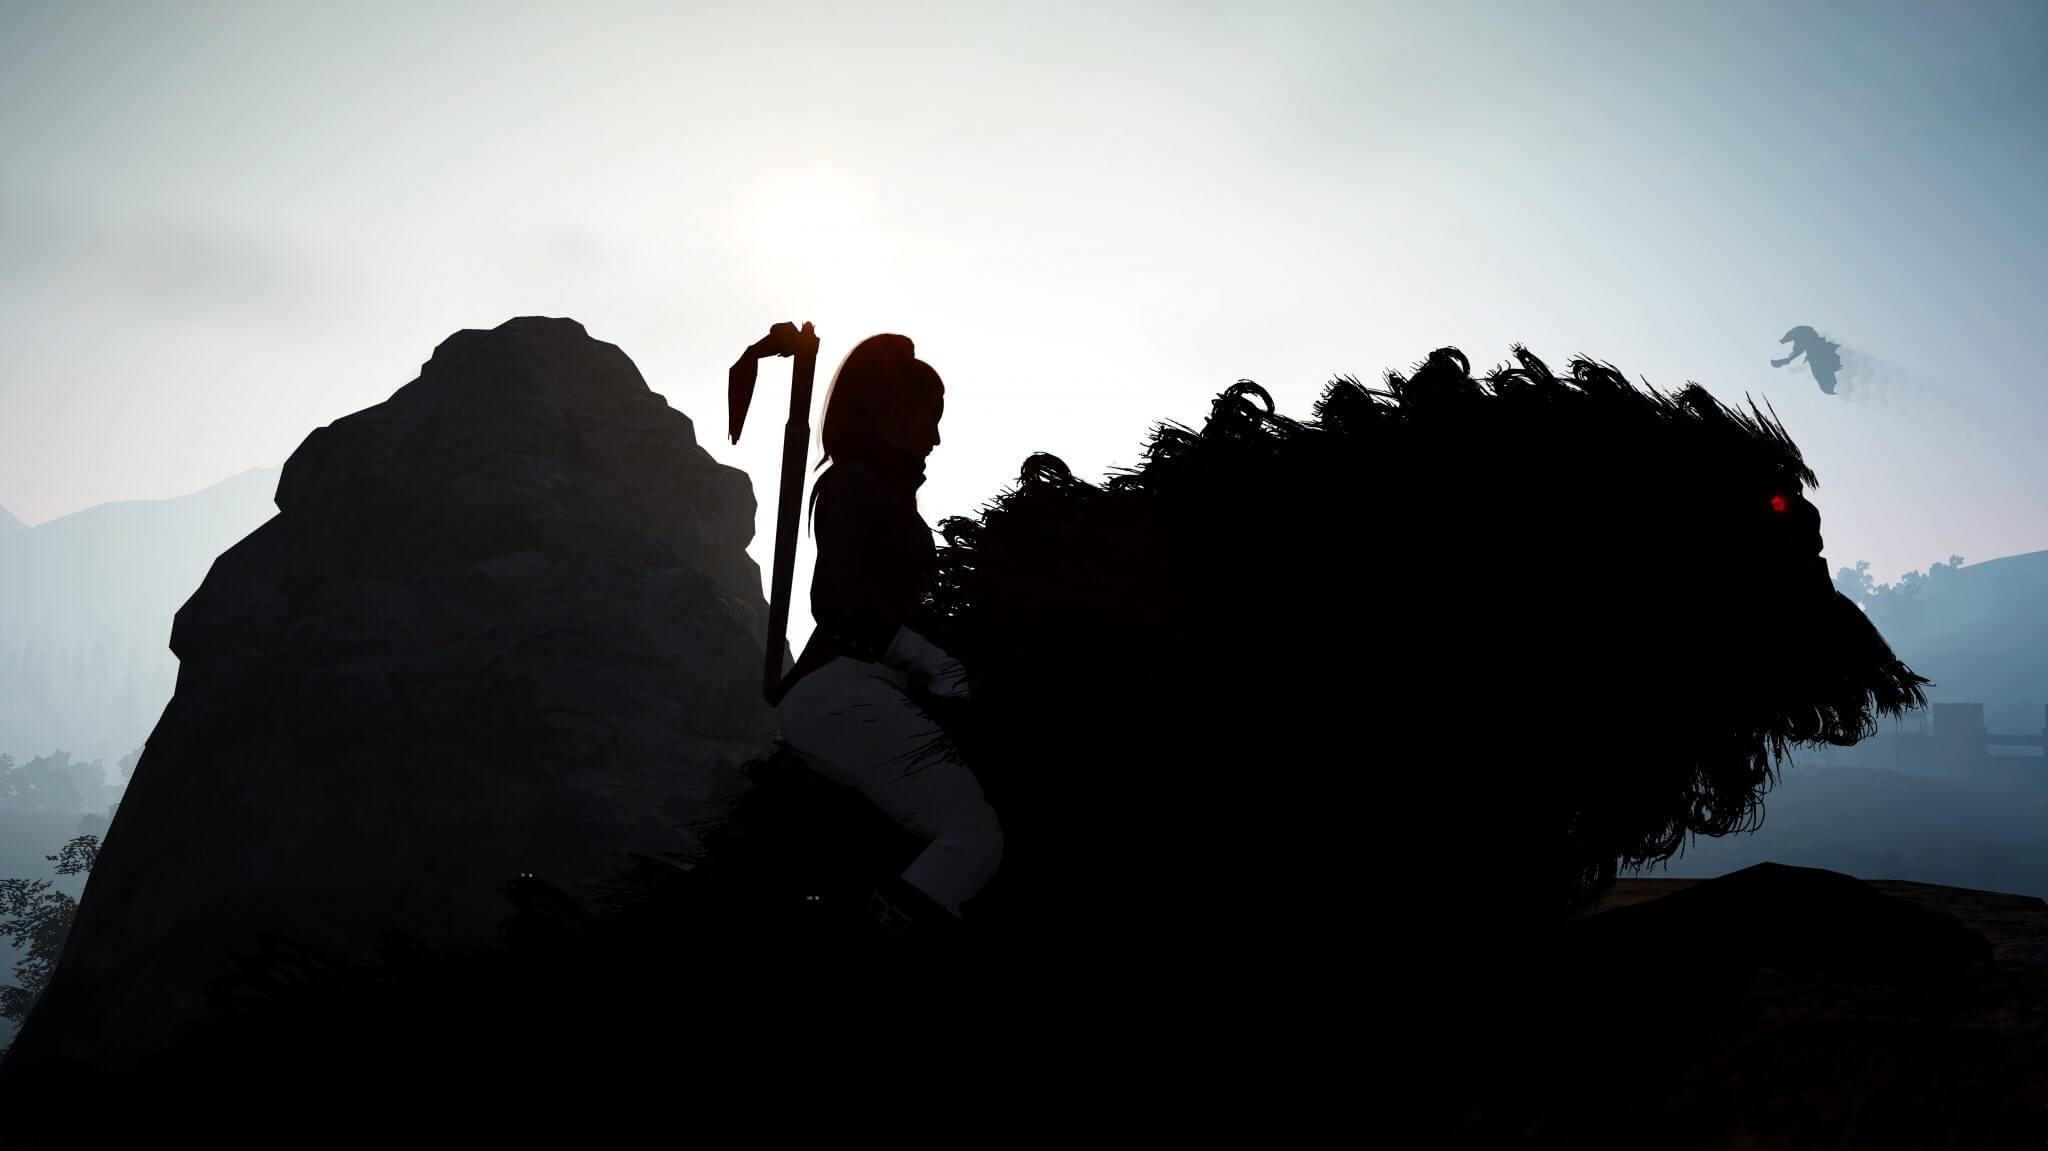 Dacey sombra - Review: Black Desert é um MMORPG frenético e completo